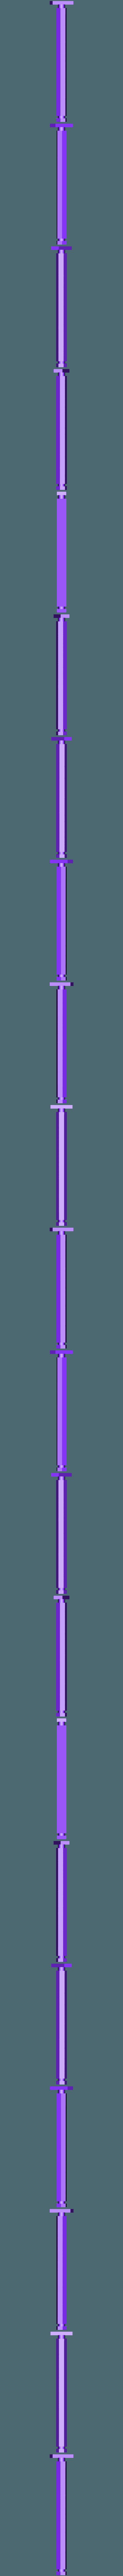 stick.stl Télécharger fichier STL gratuit Séchoir pliant pour pâtes fraîches maison / Lasagnes / Tagliatele • Objet à imprimer en 3D, kumekay